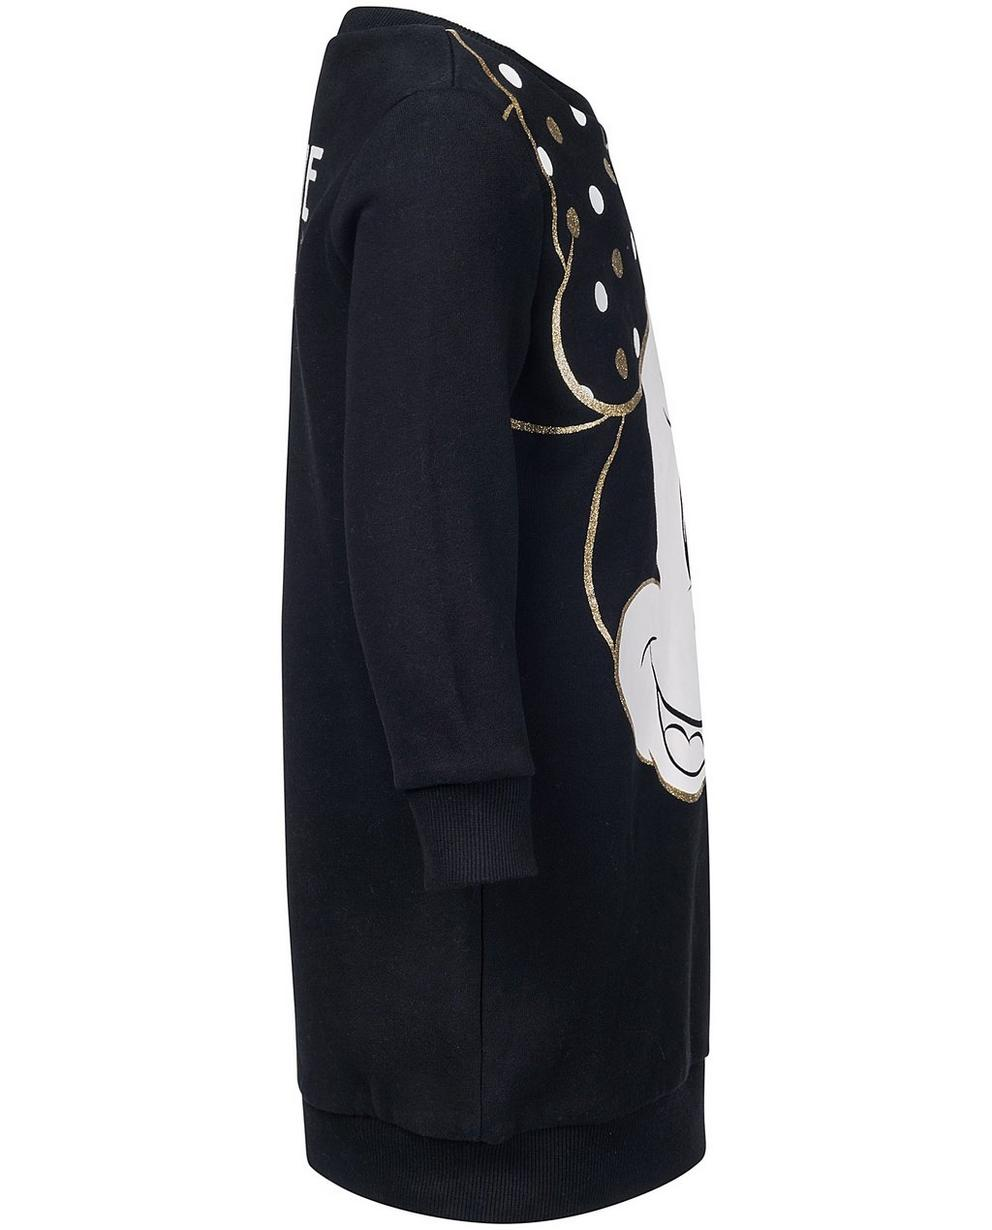 Kleider - Schwarz - Schwarzes Sweatkleid